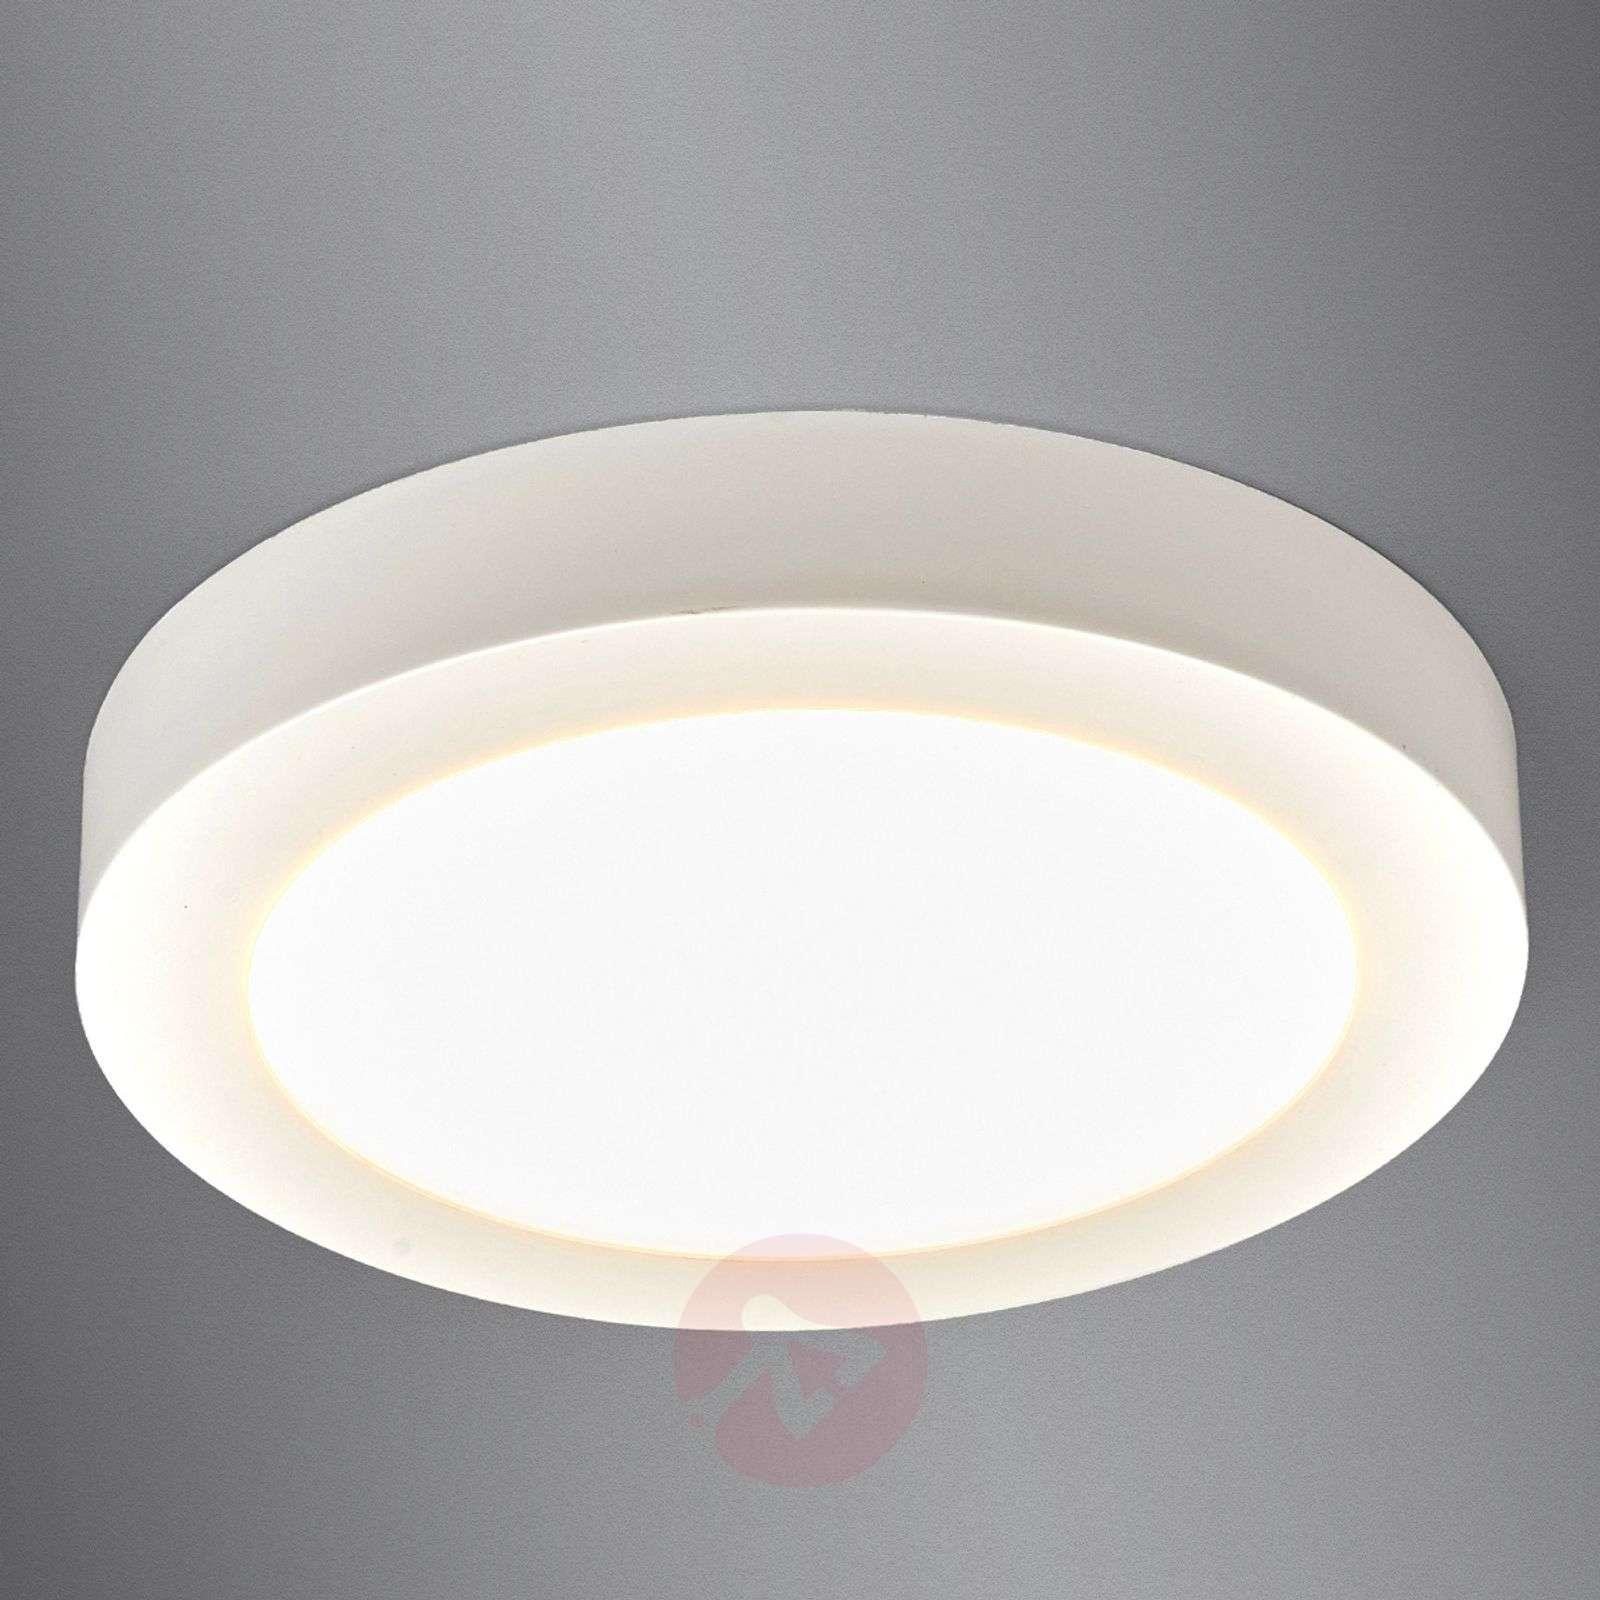 LED ceiling light Esra in white, IP44-9978021-016